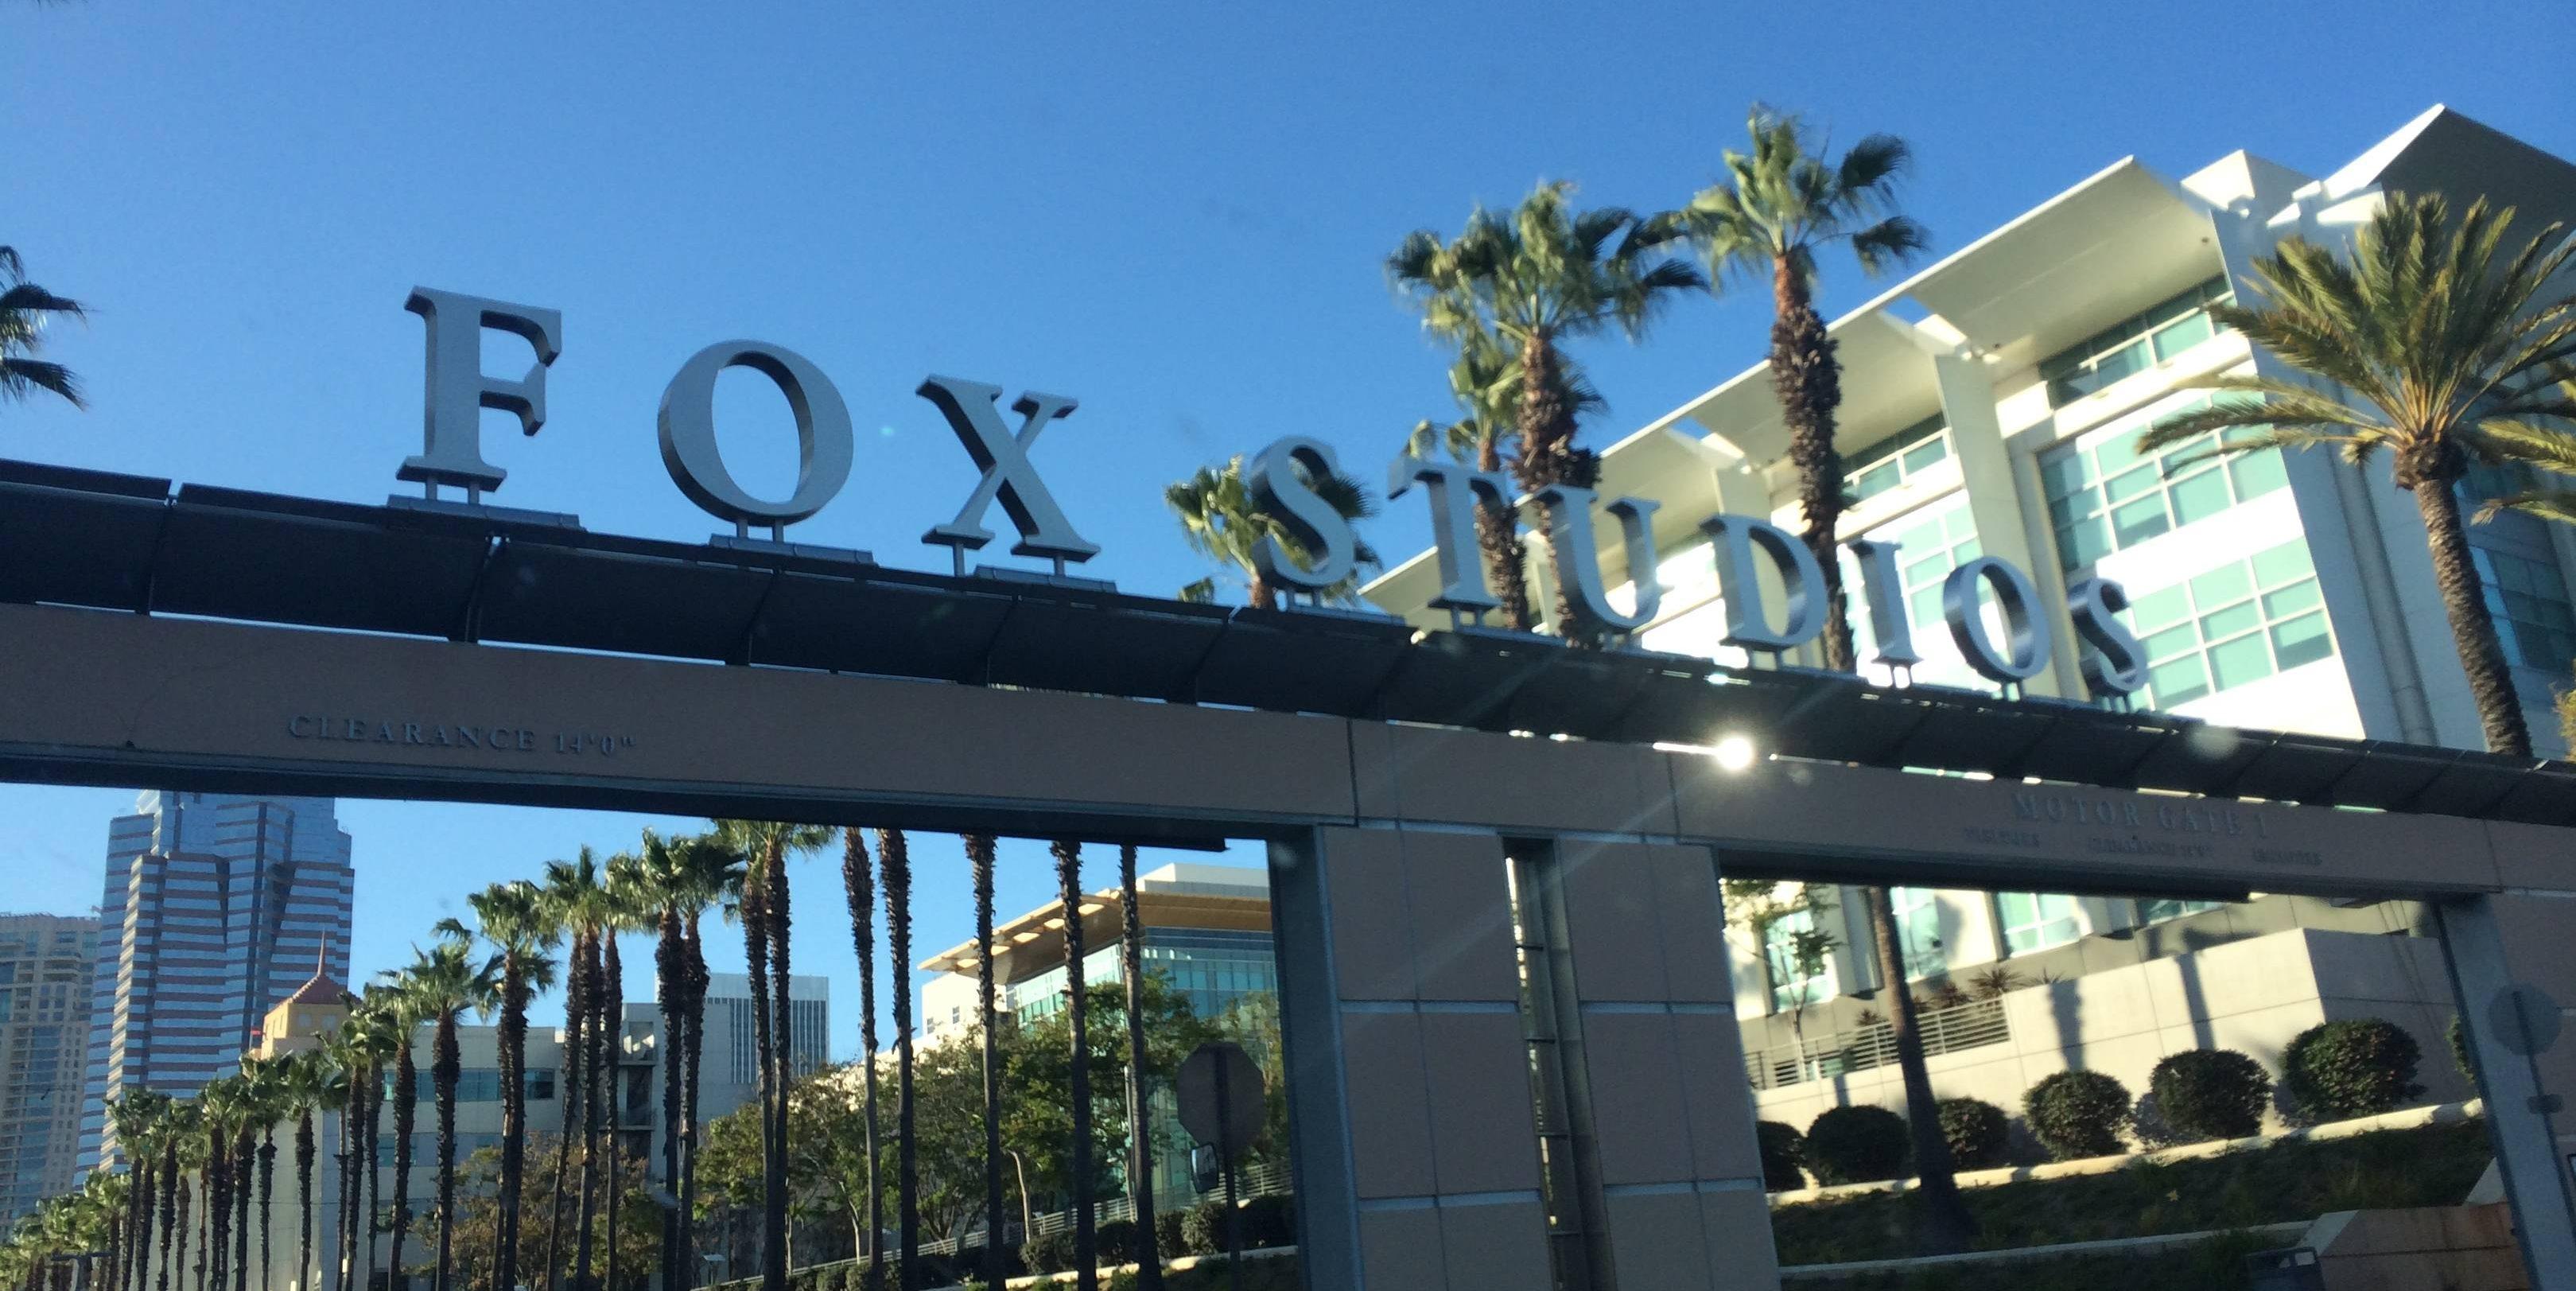 FOX Dizileri Los Angeles'ta Yükseliyor